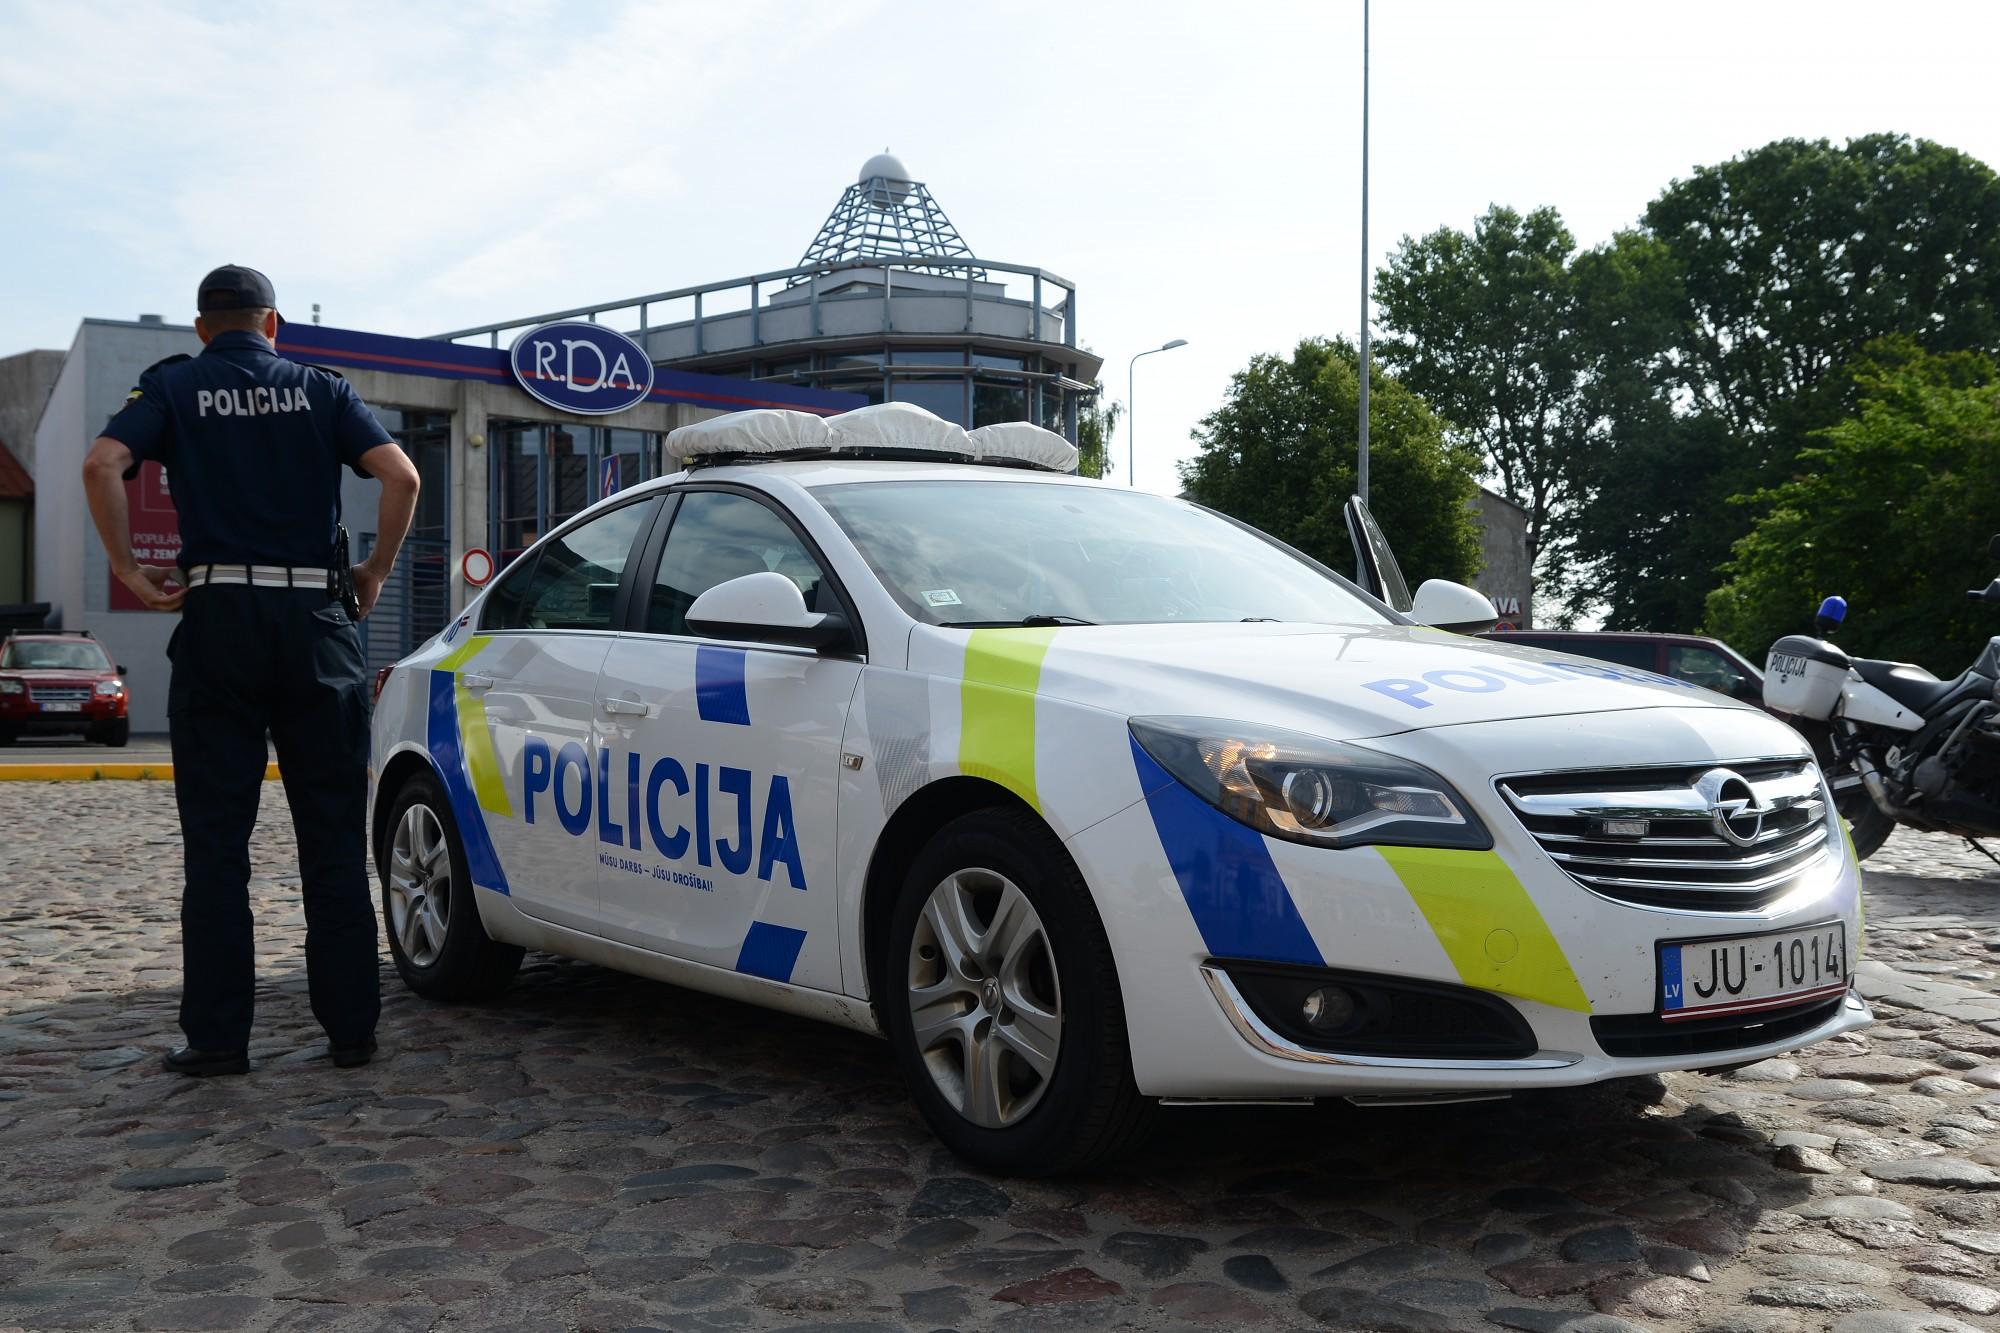 Представили новый образ полиции